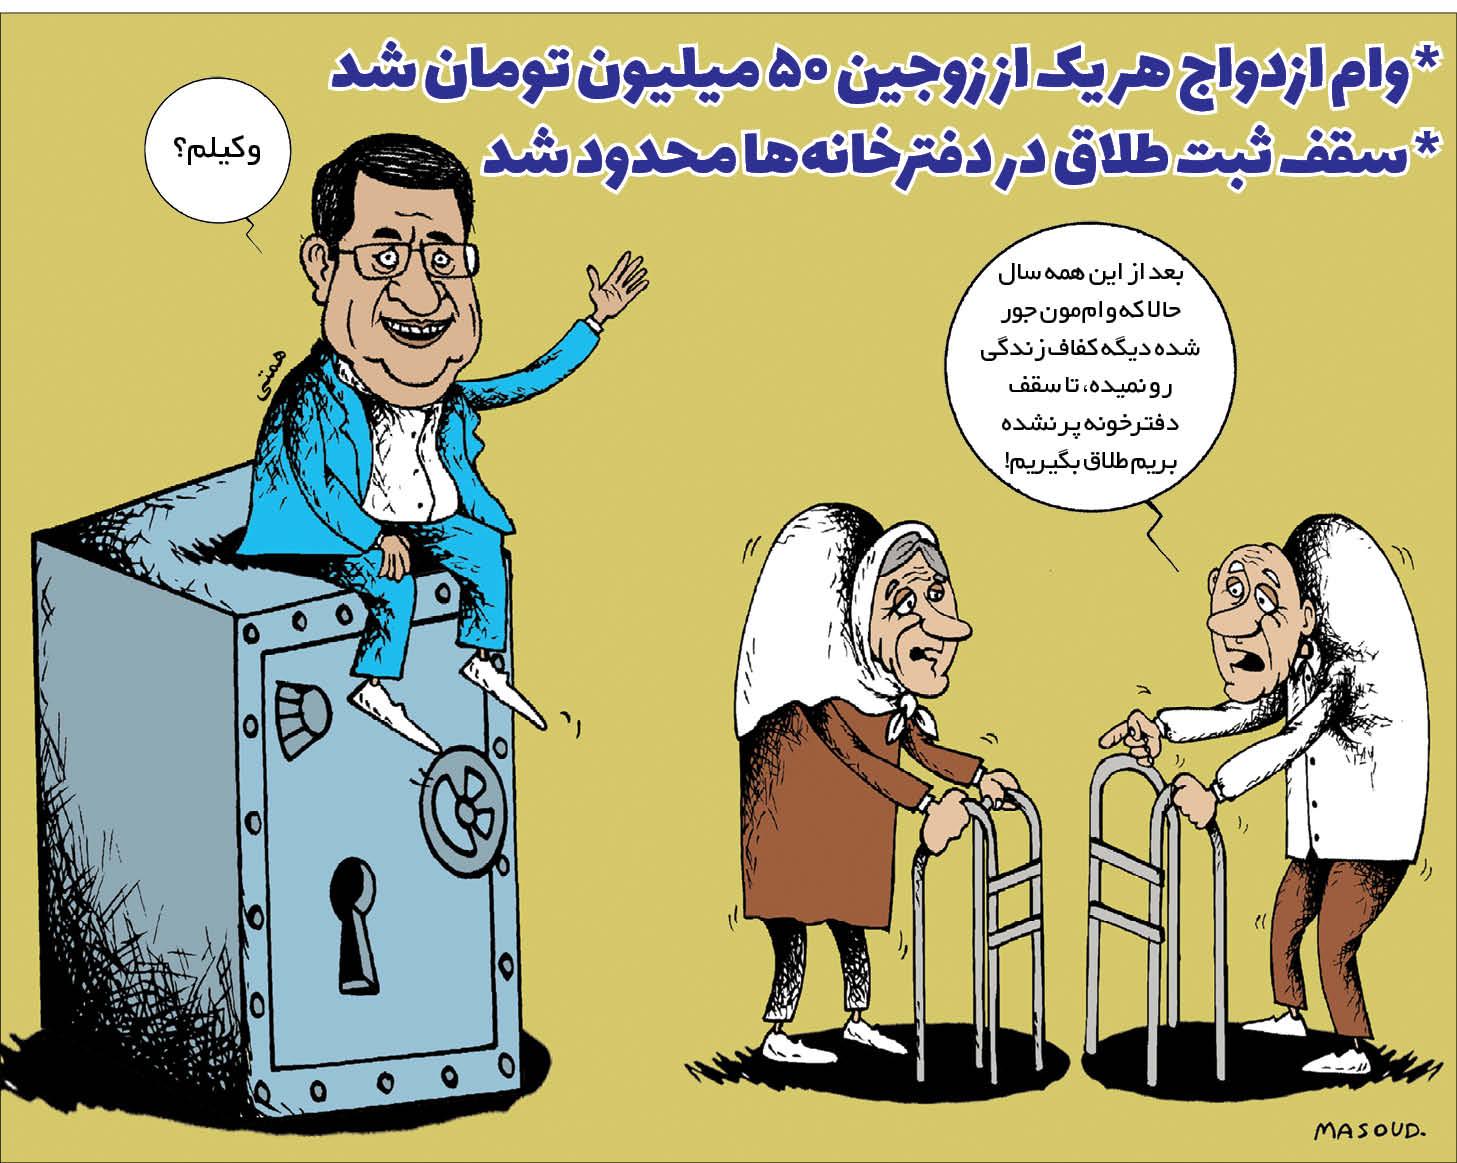 کارتونیست:  مسعود ماهینی